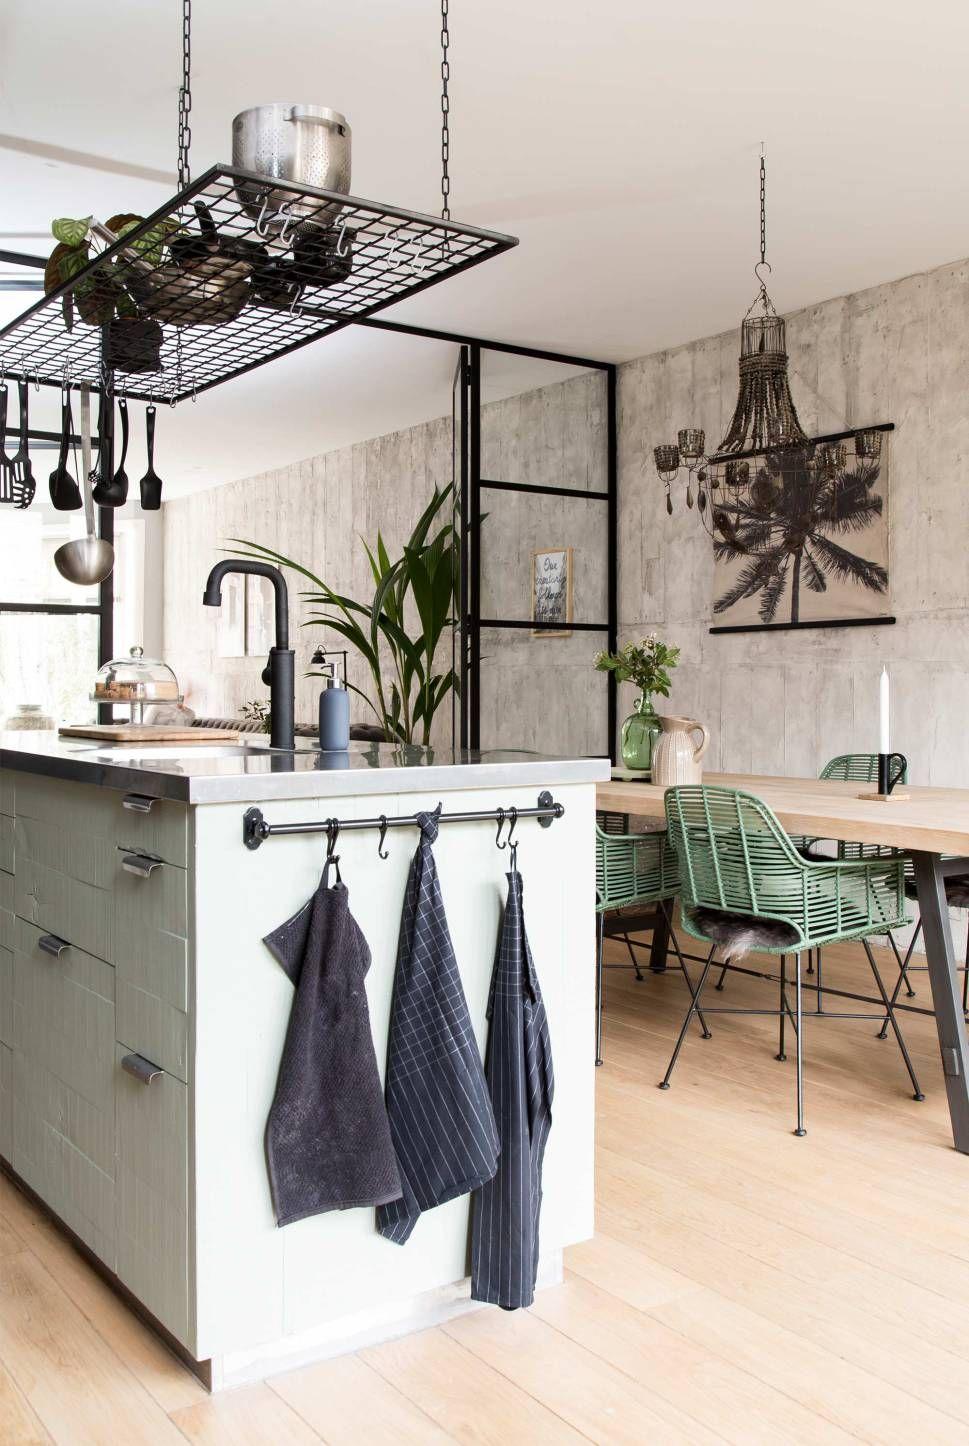 Un salon cuisine aux couleurs de la nature - PLANETE DECO a homes